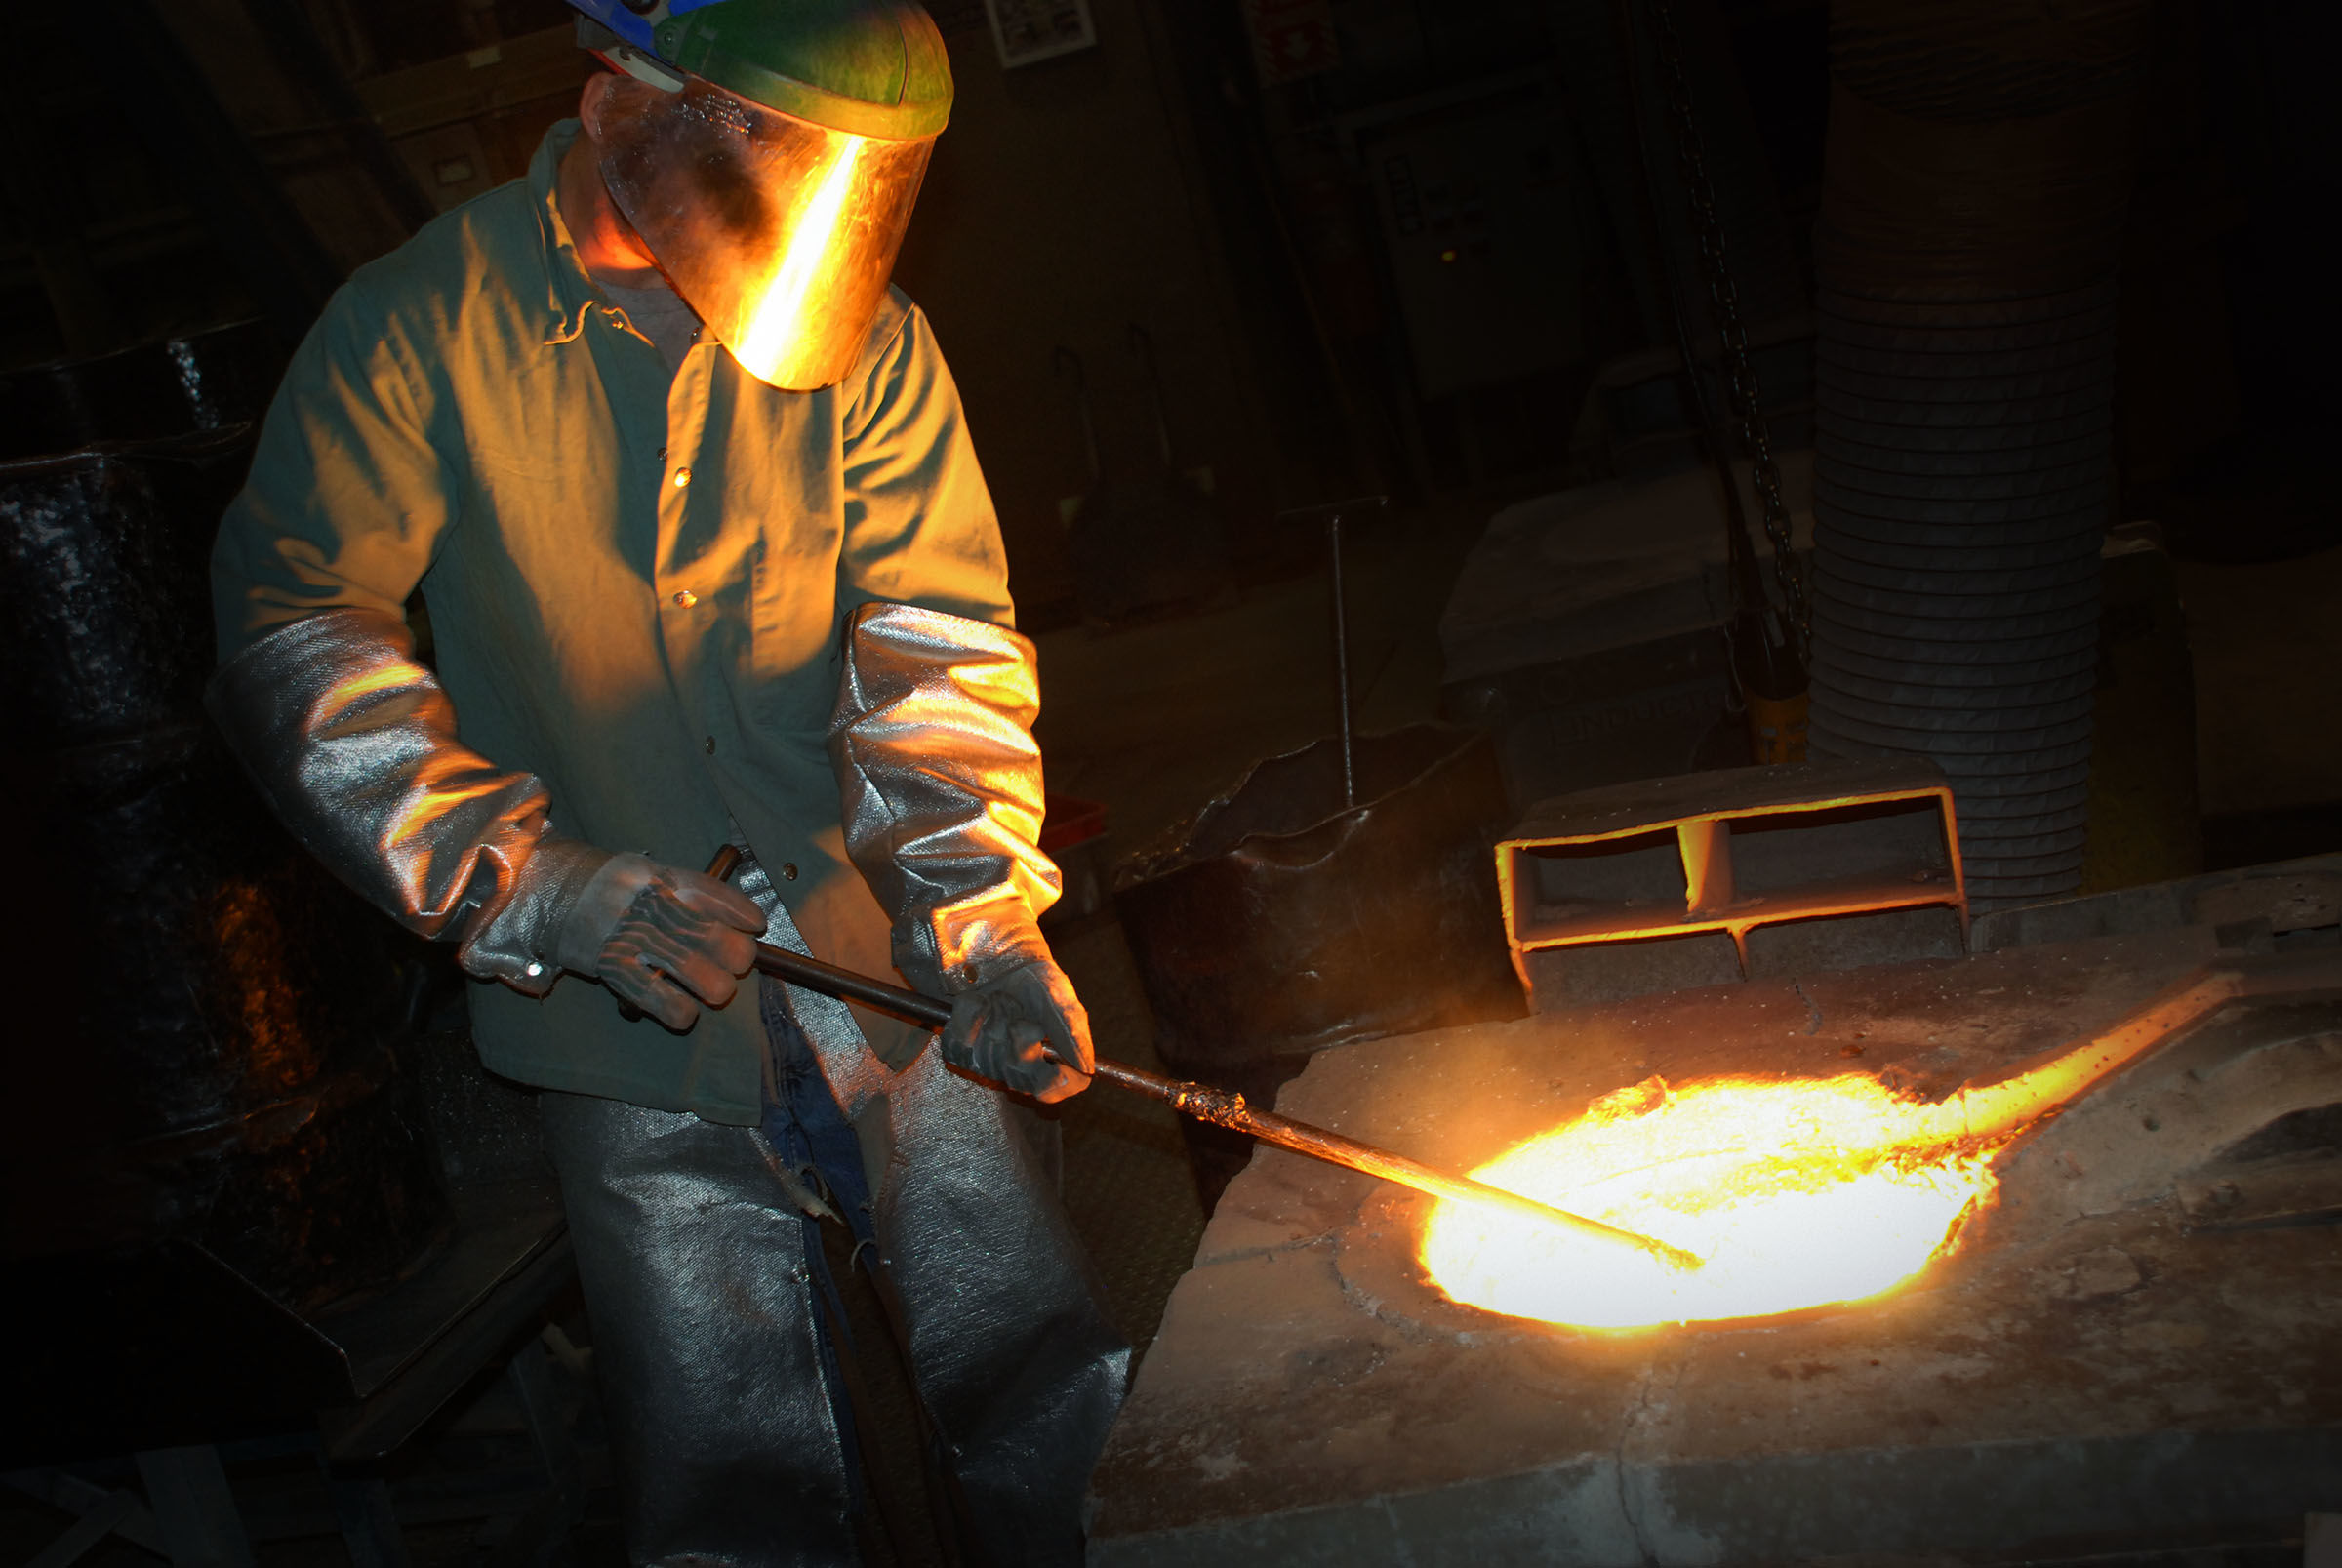 Man forming metal